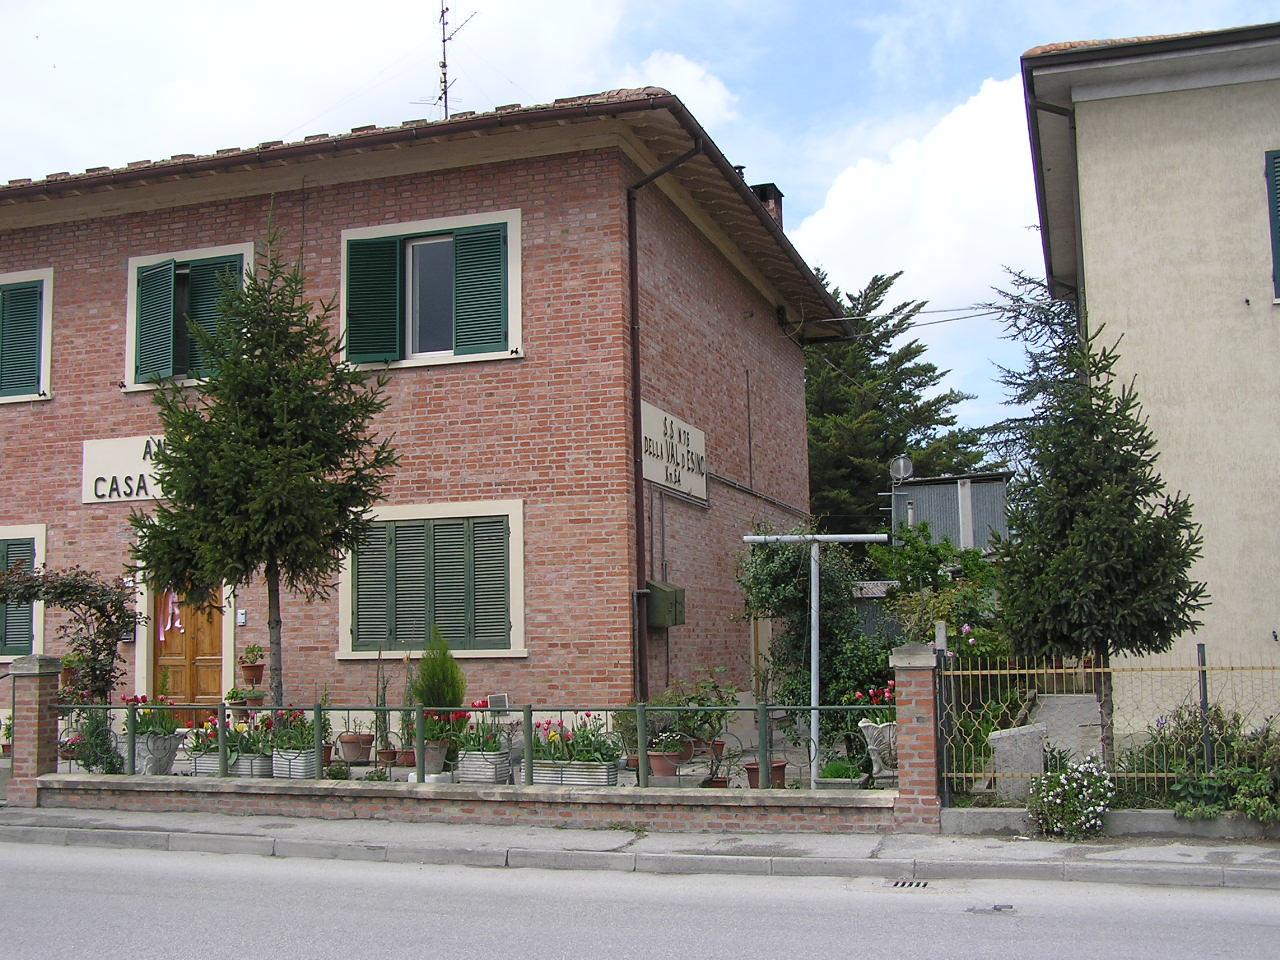 Casa cantoniera Jesi, Anas